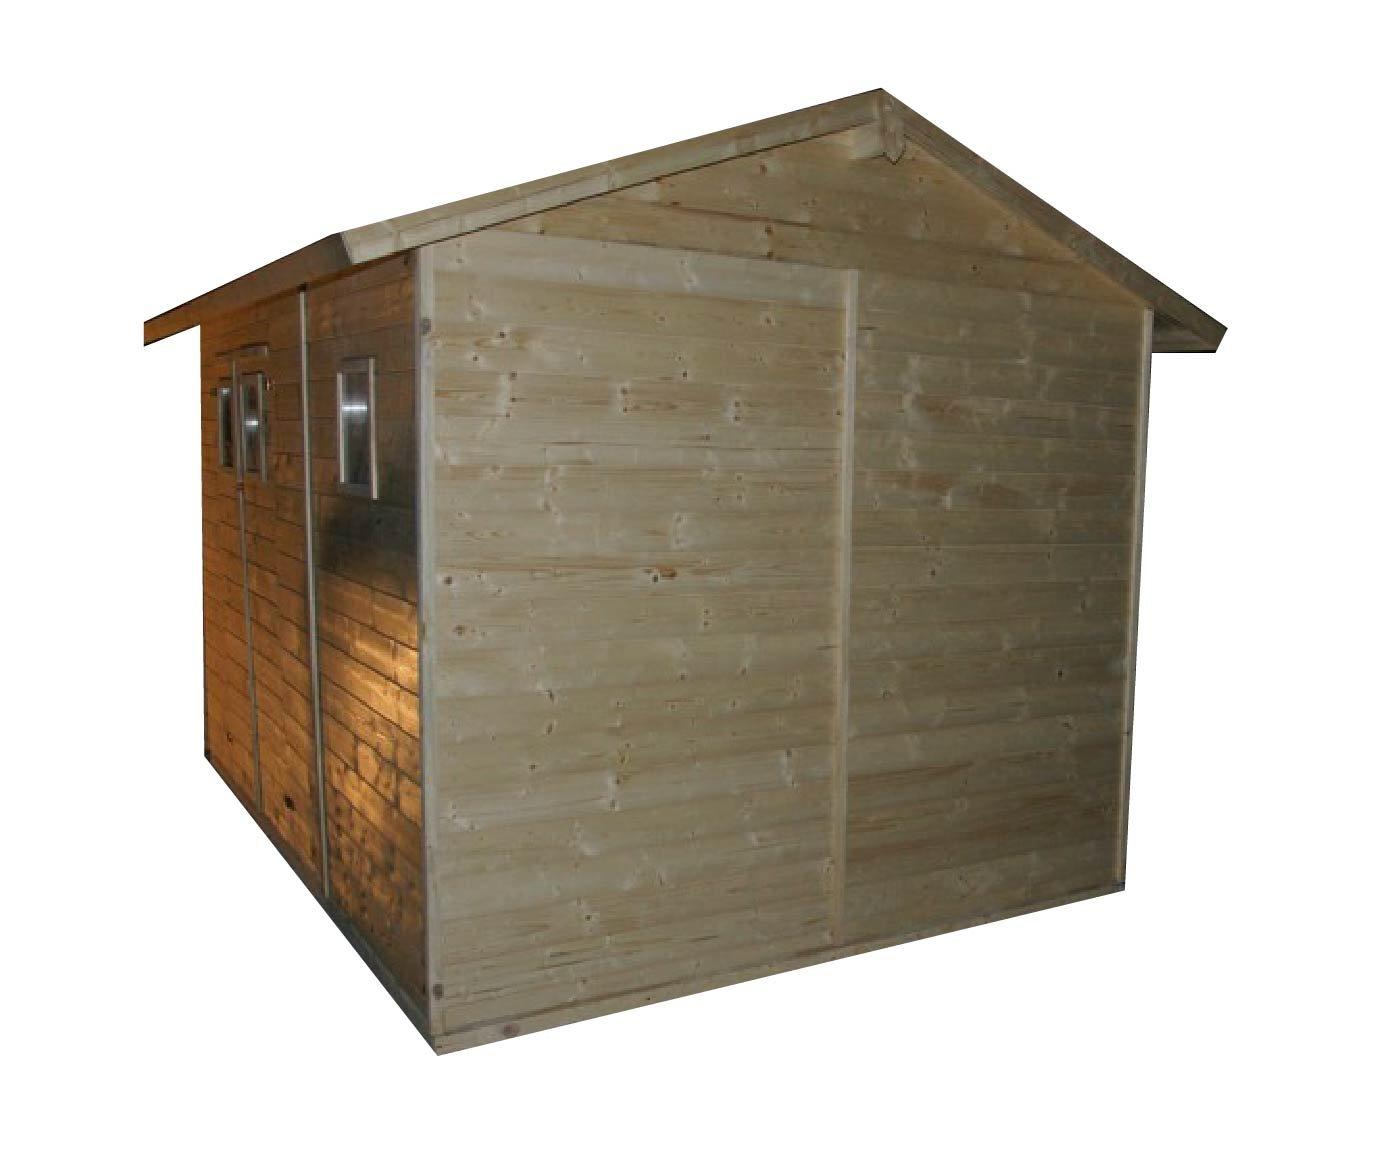 cadema Jardín Casa de madera 3, 3 m x 3, 9 m, (16 mm) con ventanas, incluye dispositivo de suelo Denia, Hogar: Amazon.es: Jardín